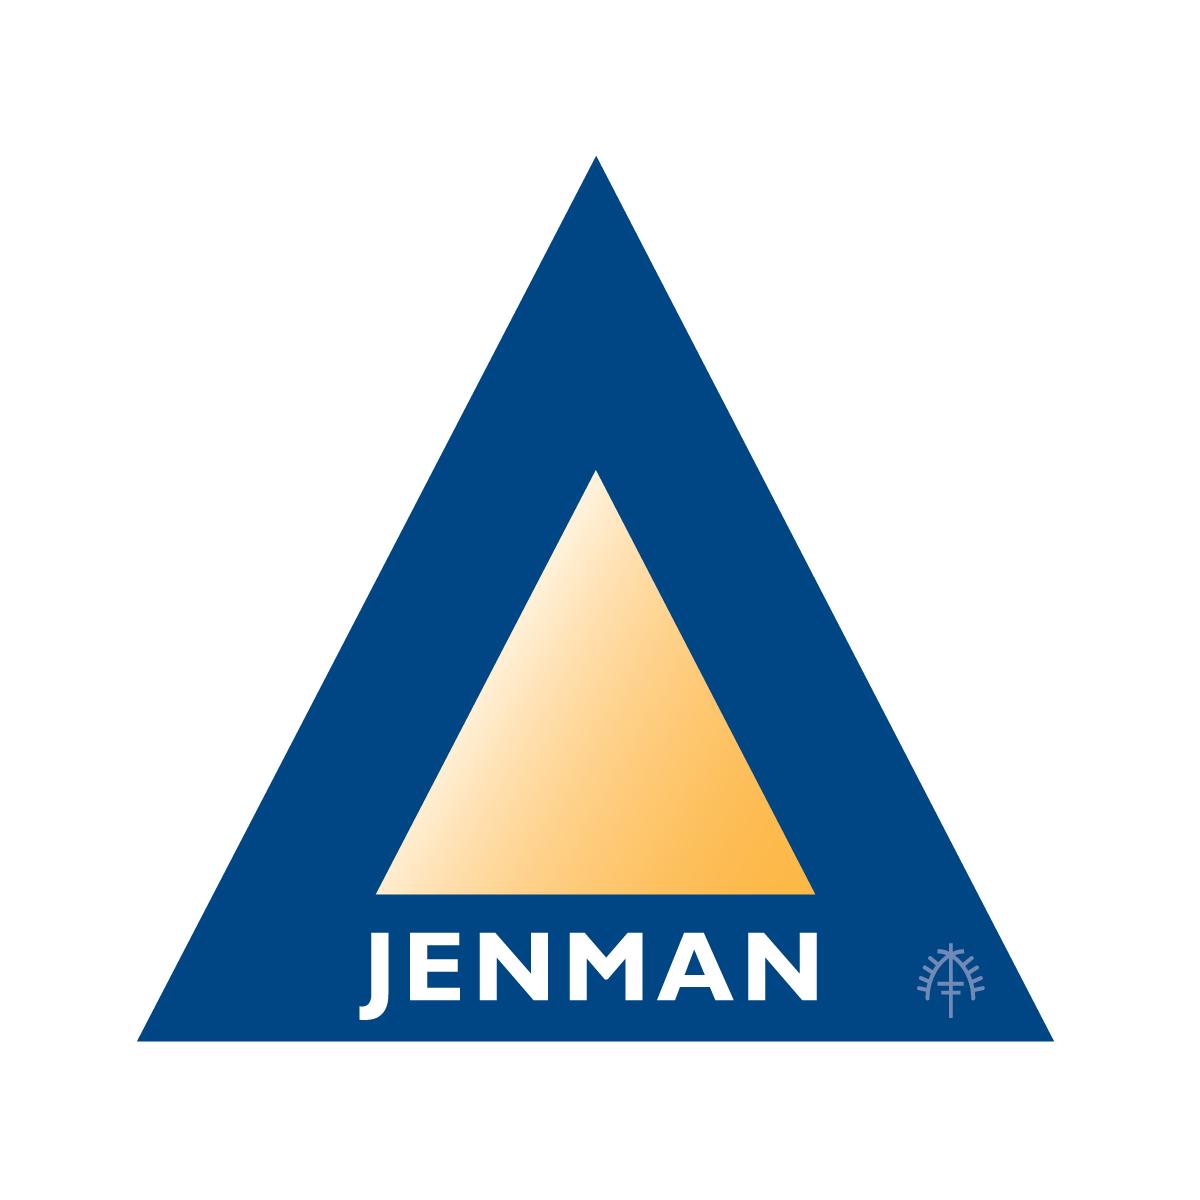 Jenman Support